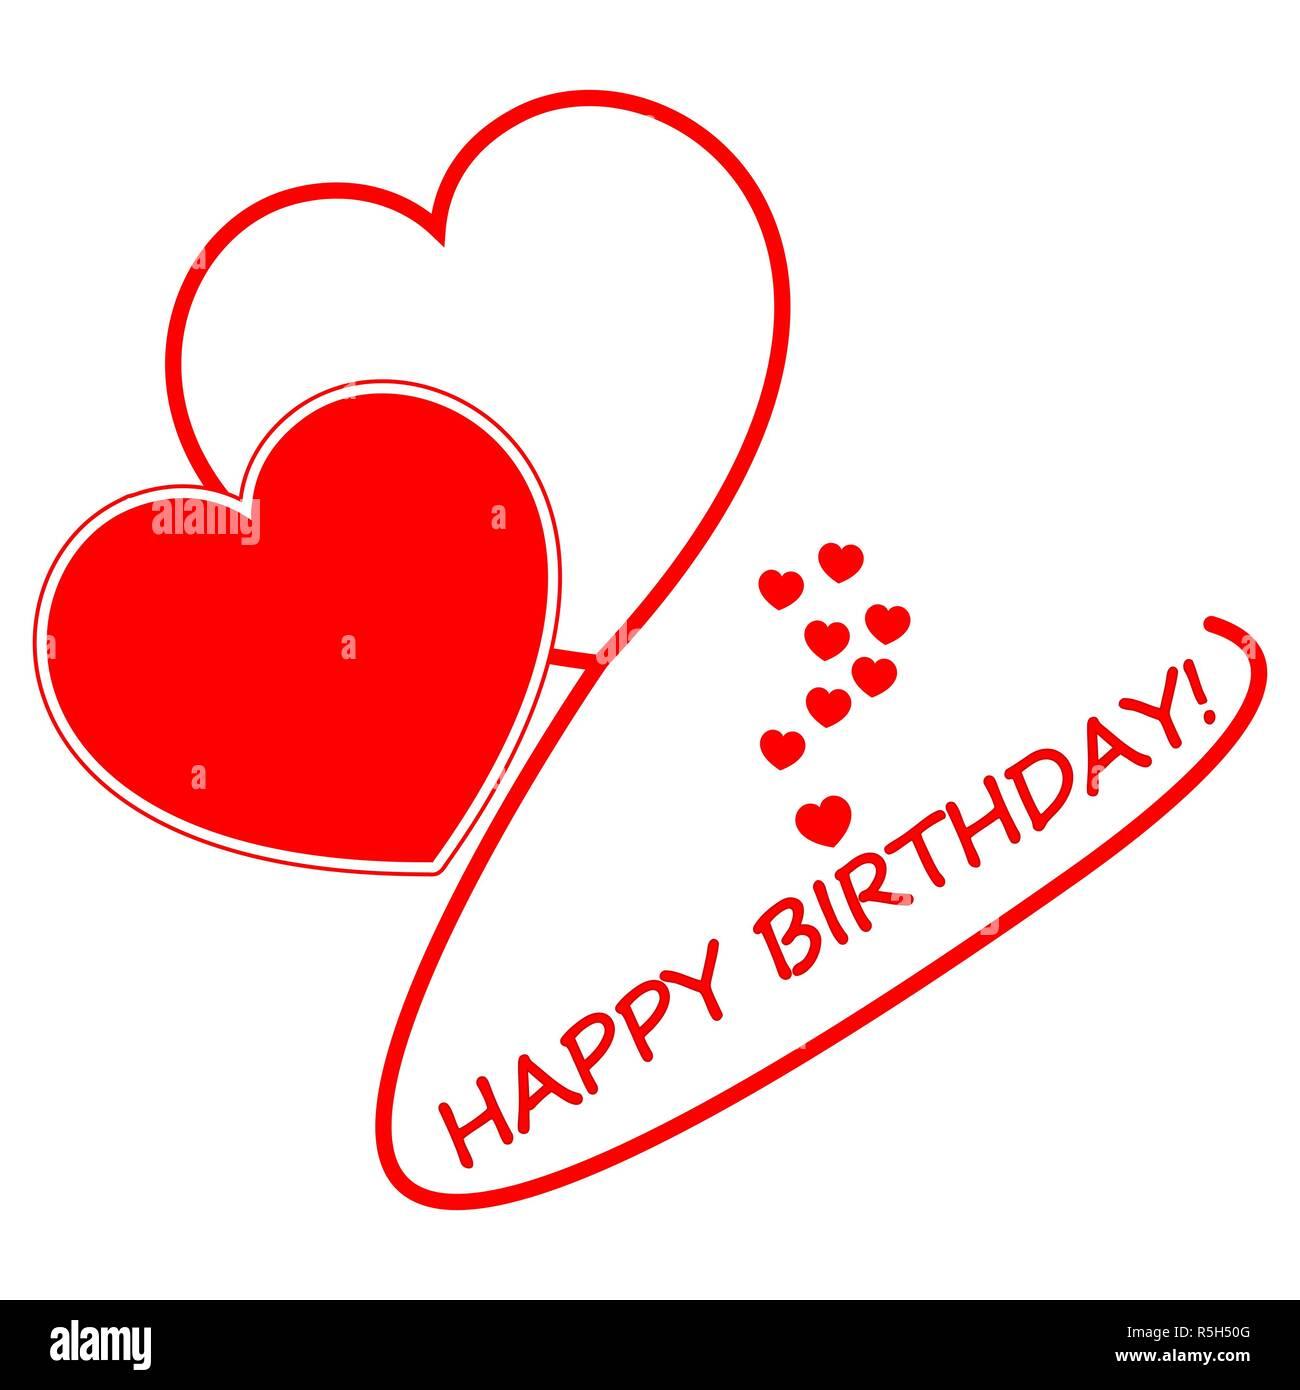 Joyeux Anniversaire Carte Avec Coeurs Rouges Illustration Photo Stock Alamy